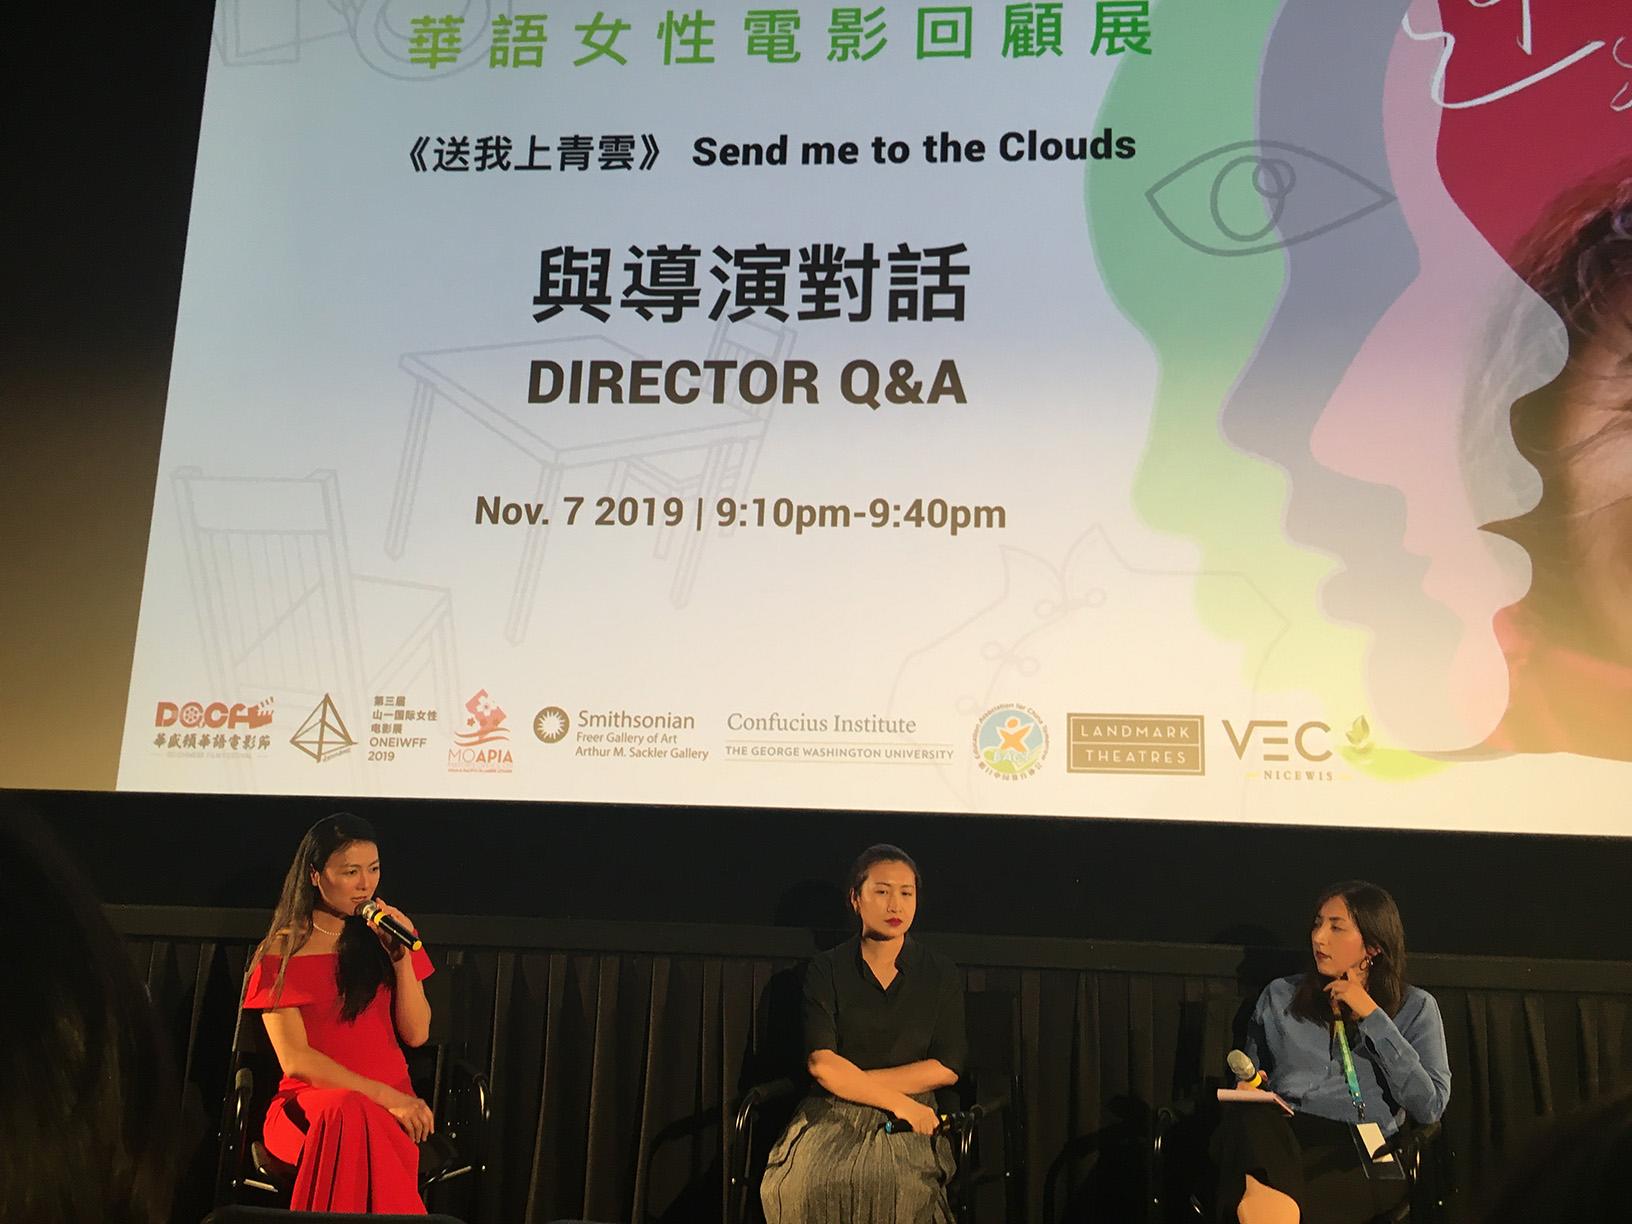 《送我上青云》的导演滕丛丛在放映会后与观众对话。(薛小山)